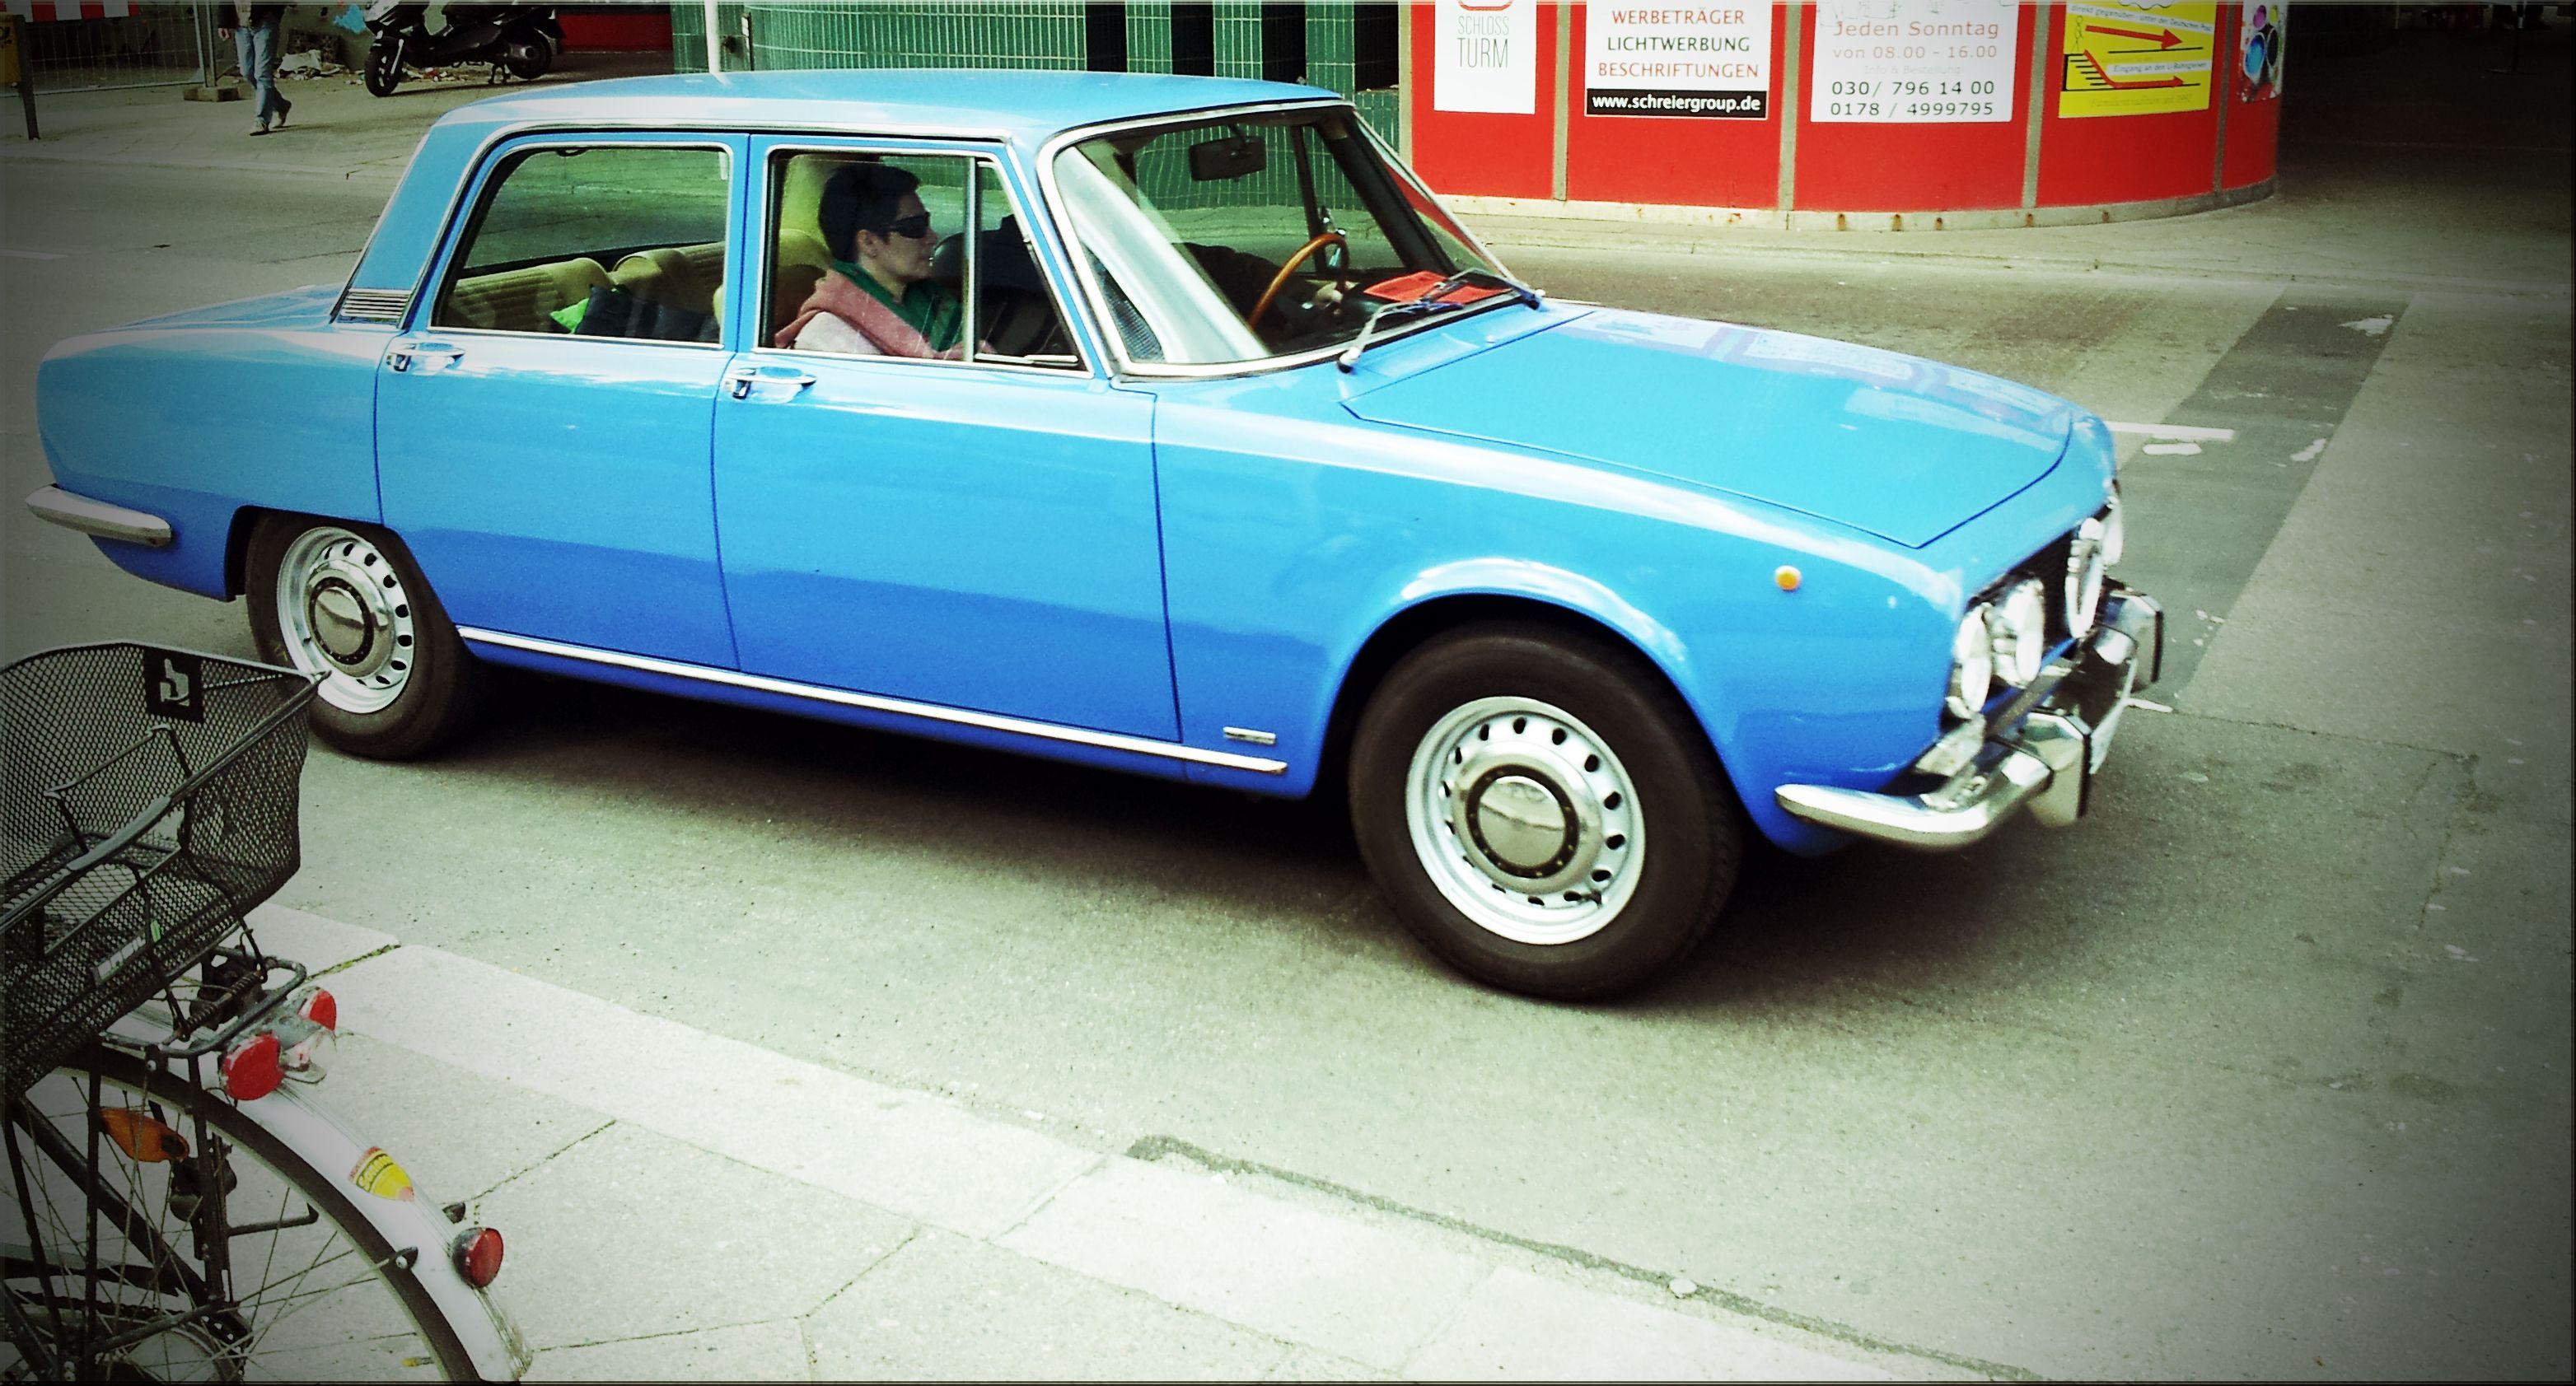 ein alter schöner Alfa Romeo, gesehen in Berlin!